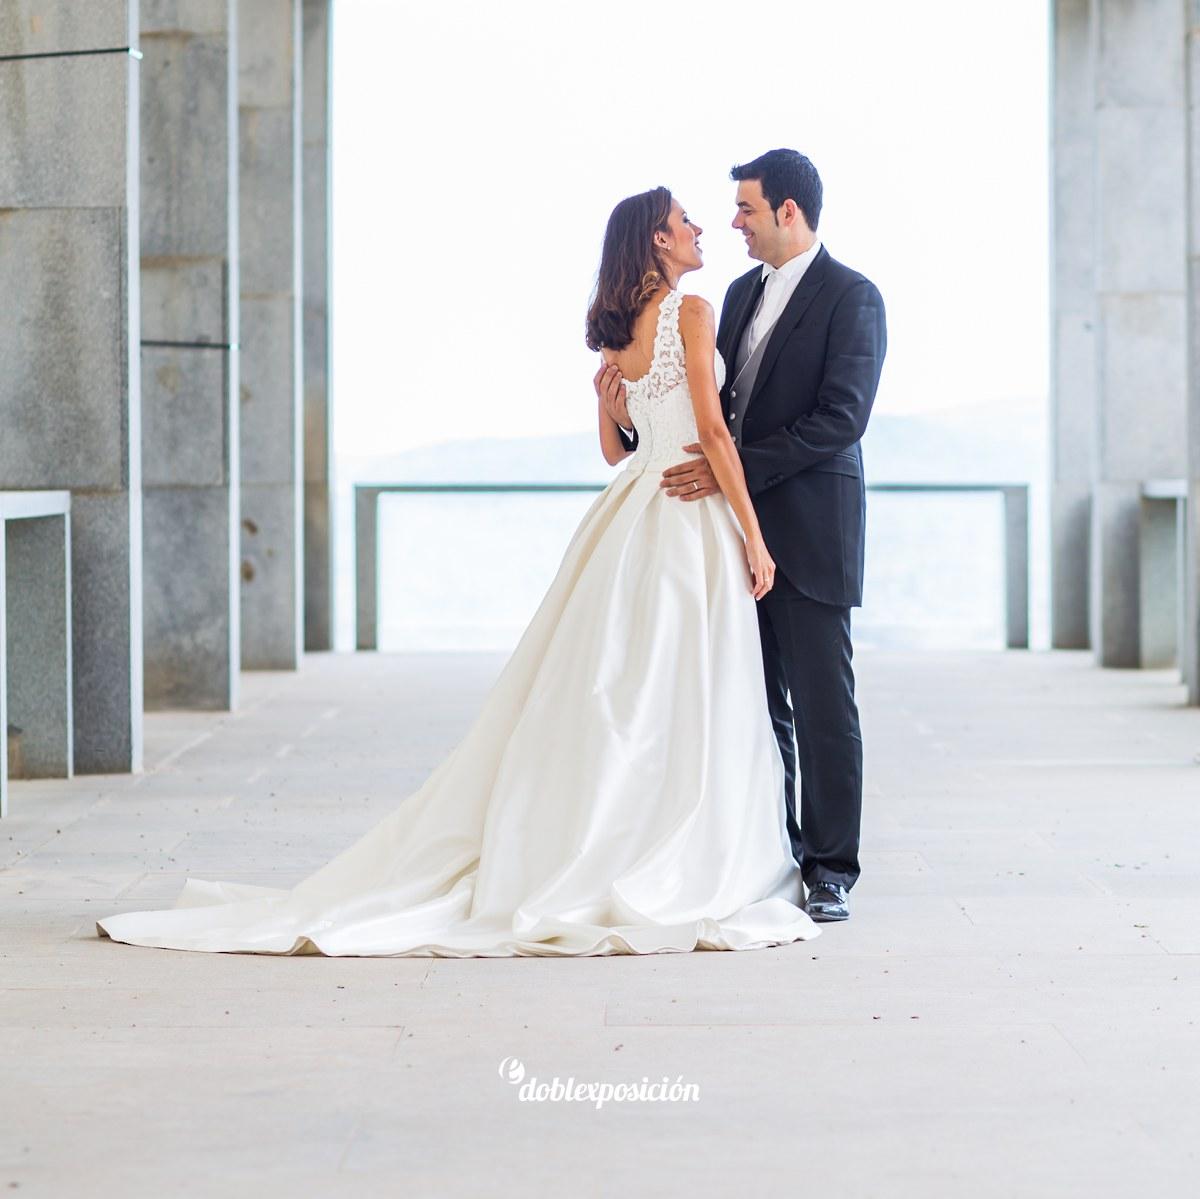 fotografos-finca-post-boda-ibi-alicante_0002